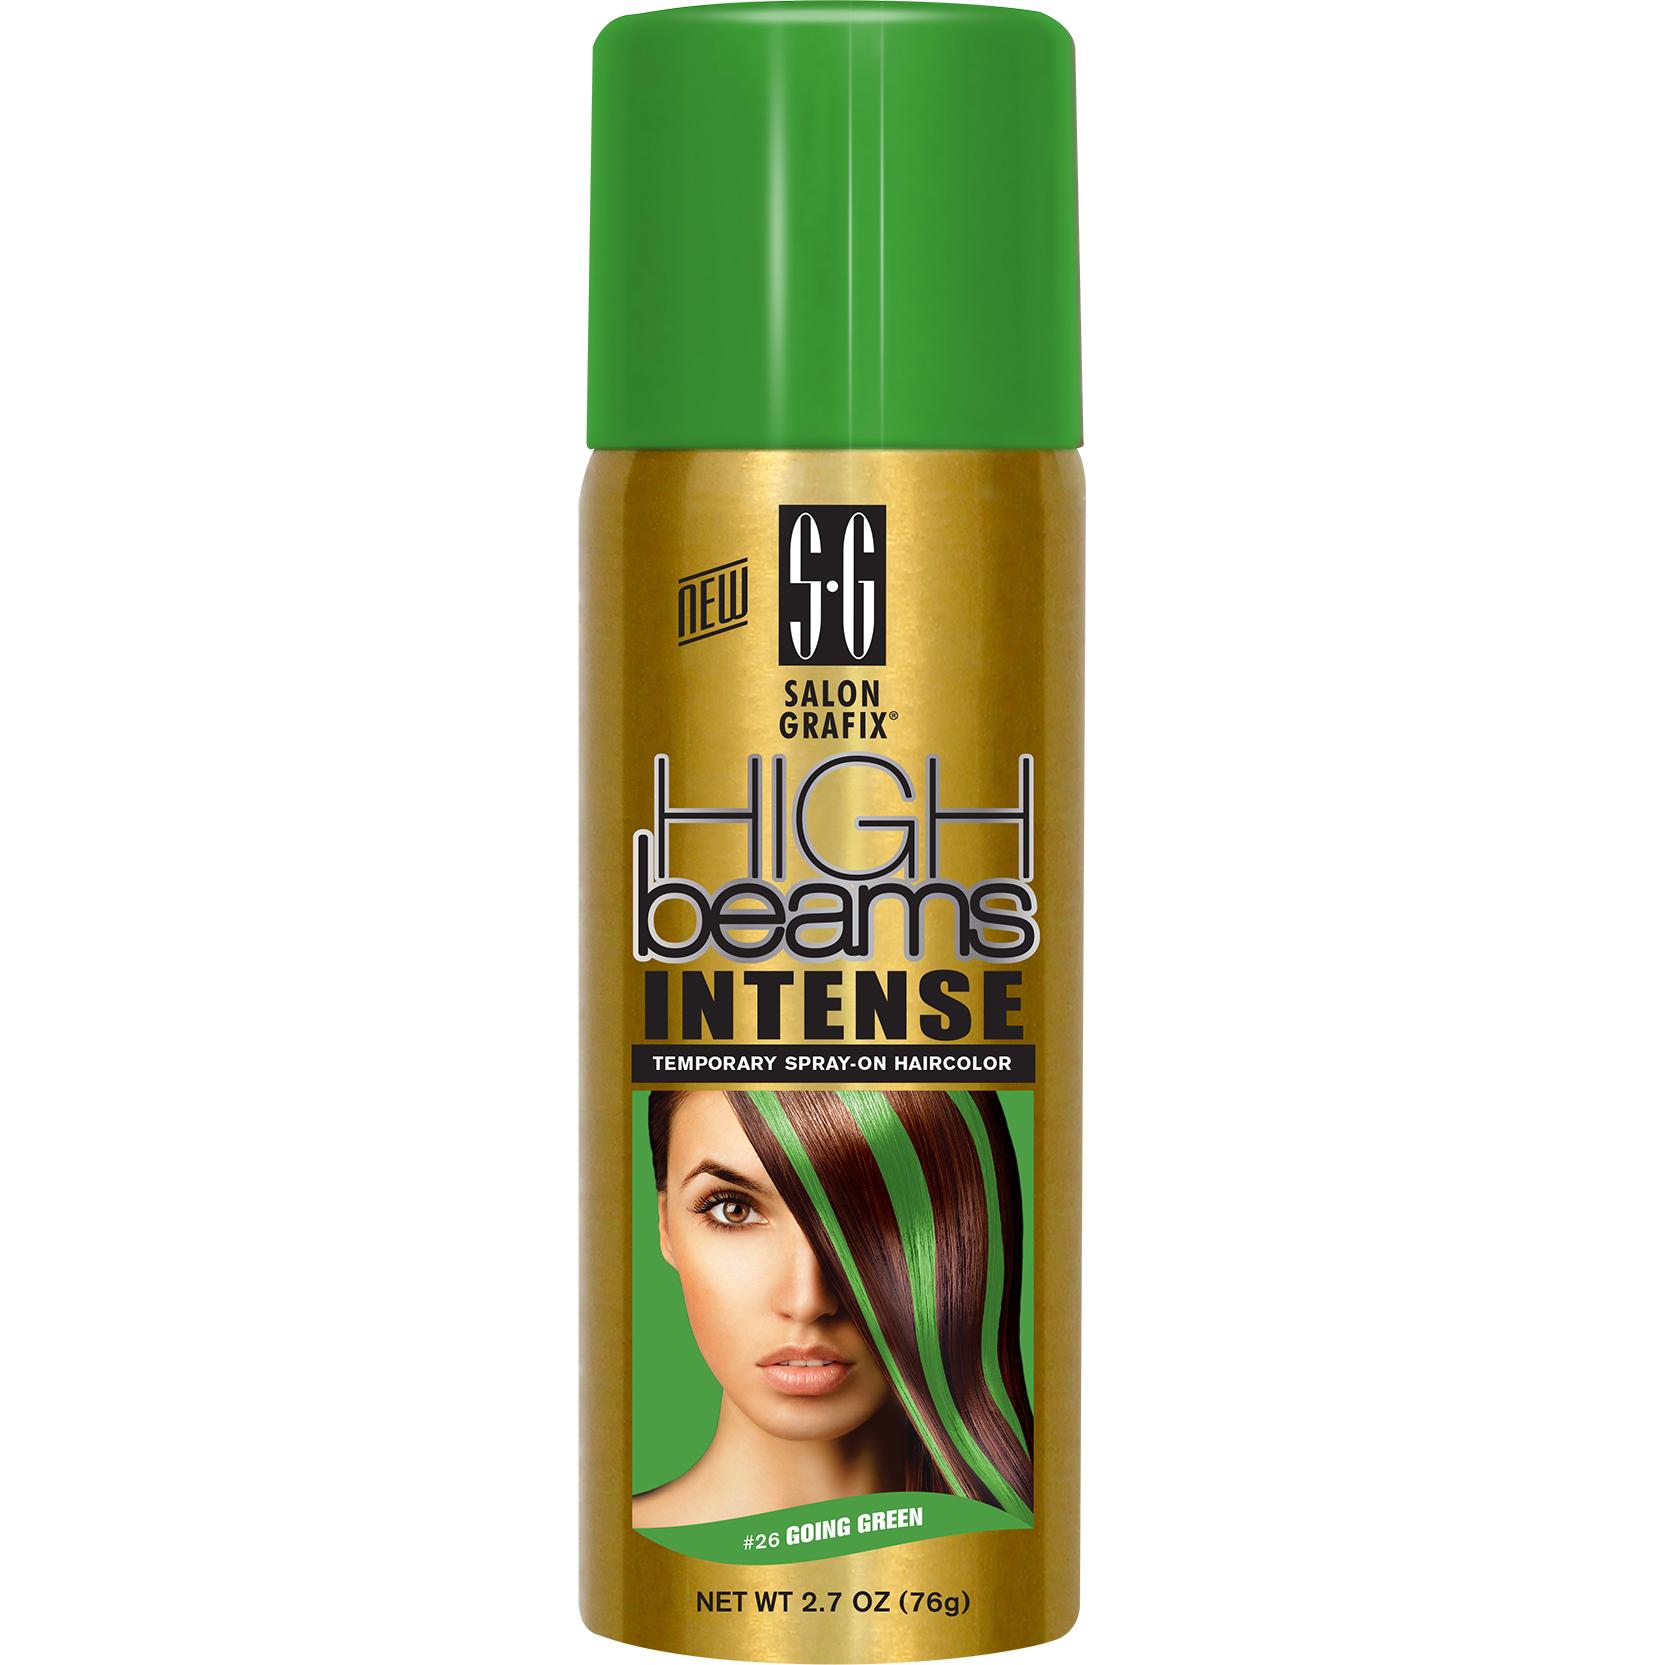 2 Salon Grafix High Beams Intense Temporary Spray On Haircolor 26